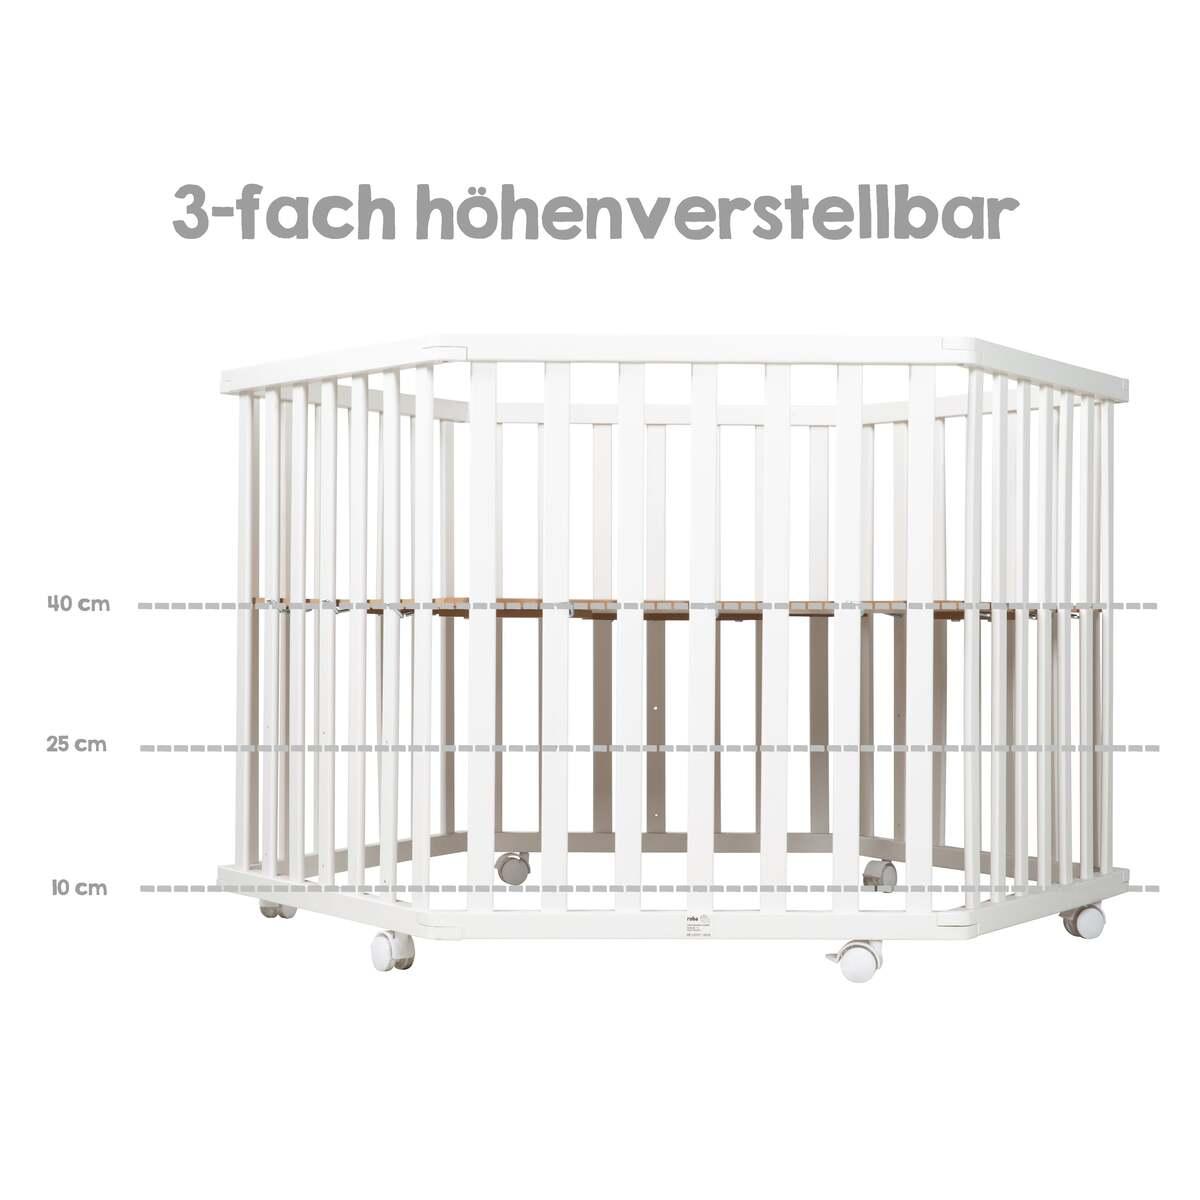 Bild 3 von roba 6-eckiges Laufgitter Style türkis, weiß lackiert